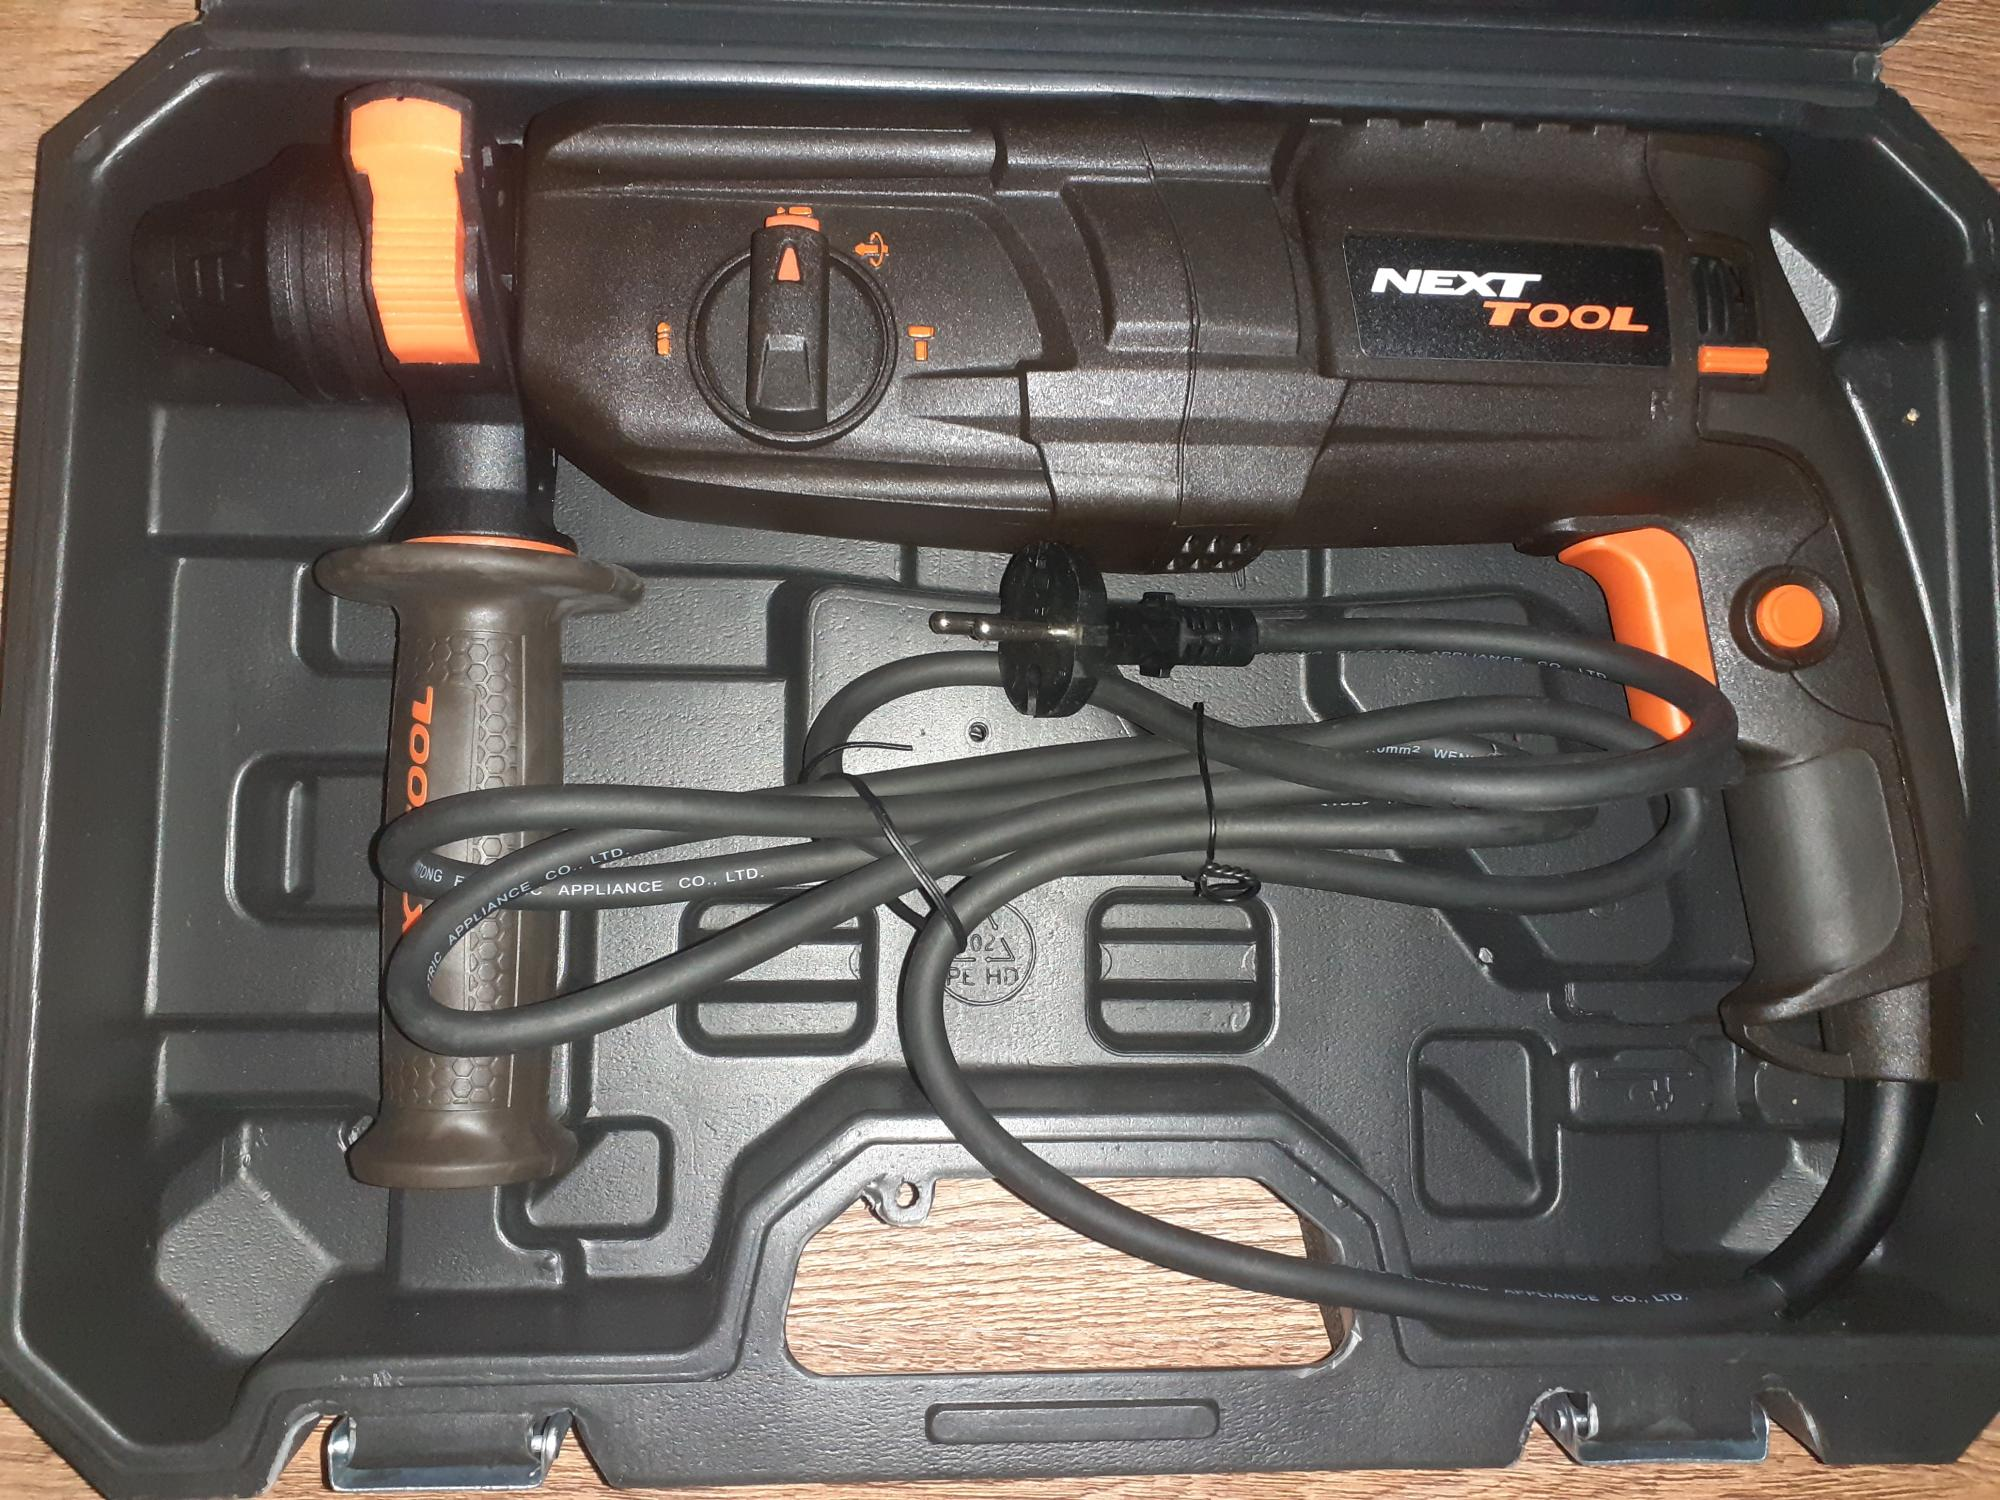 PF-900/30 NEXTTOOL перфоратор в Москве 89031080852 купить 2